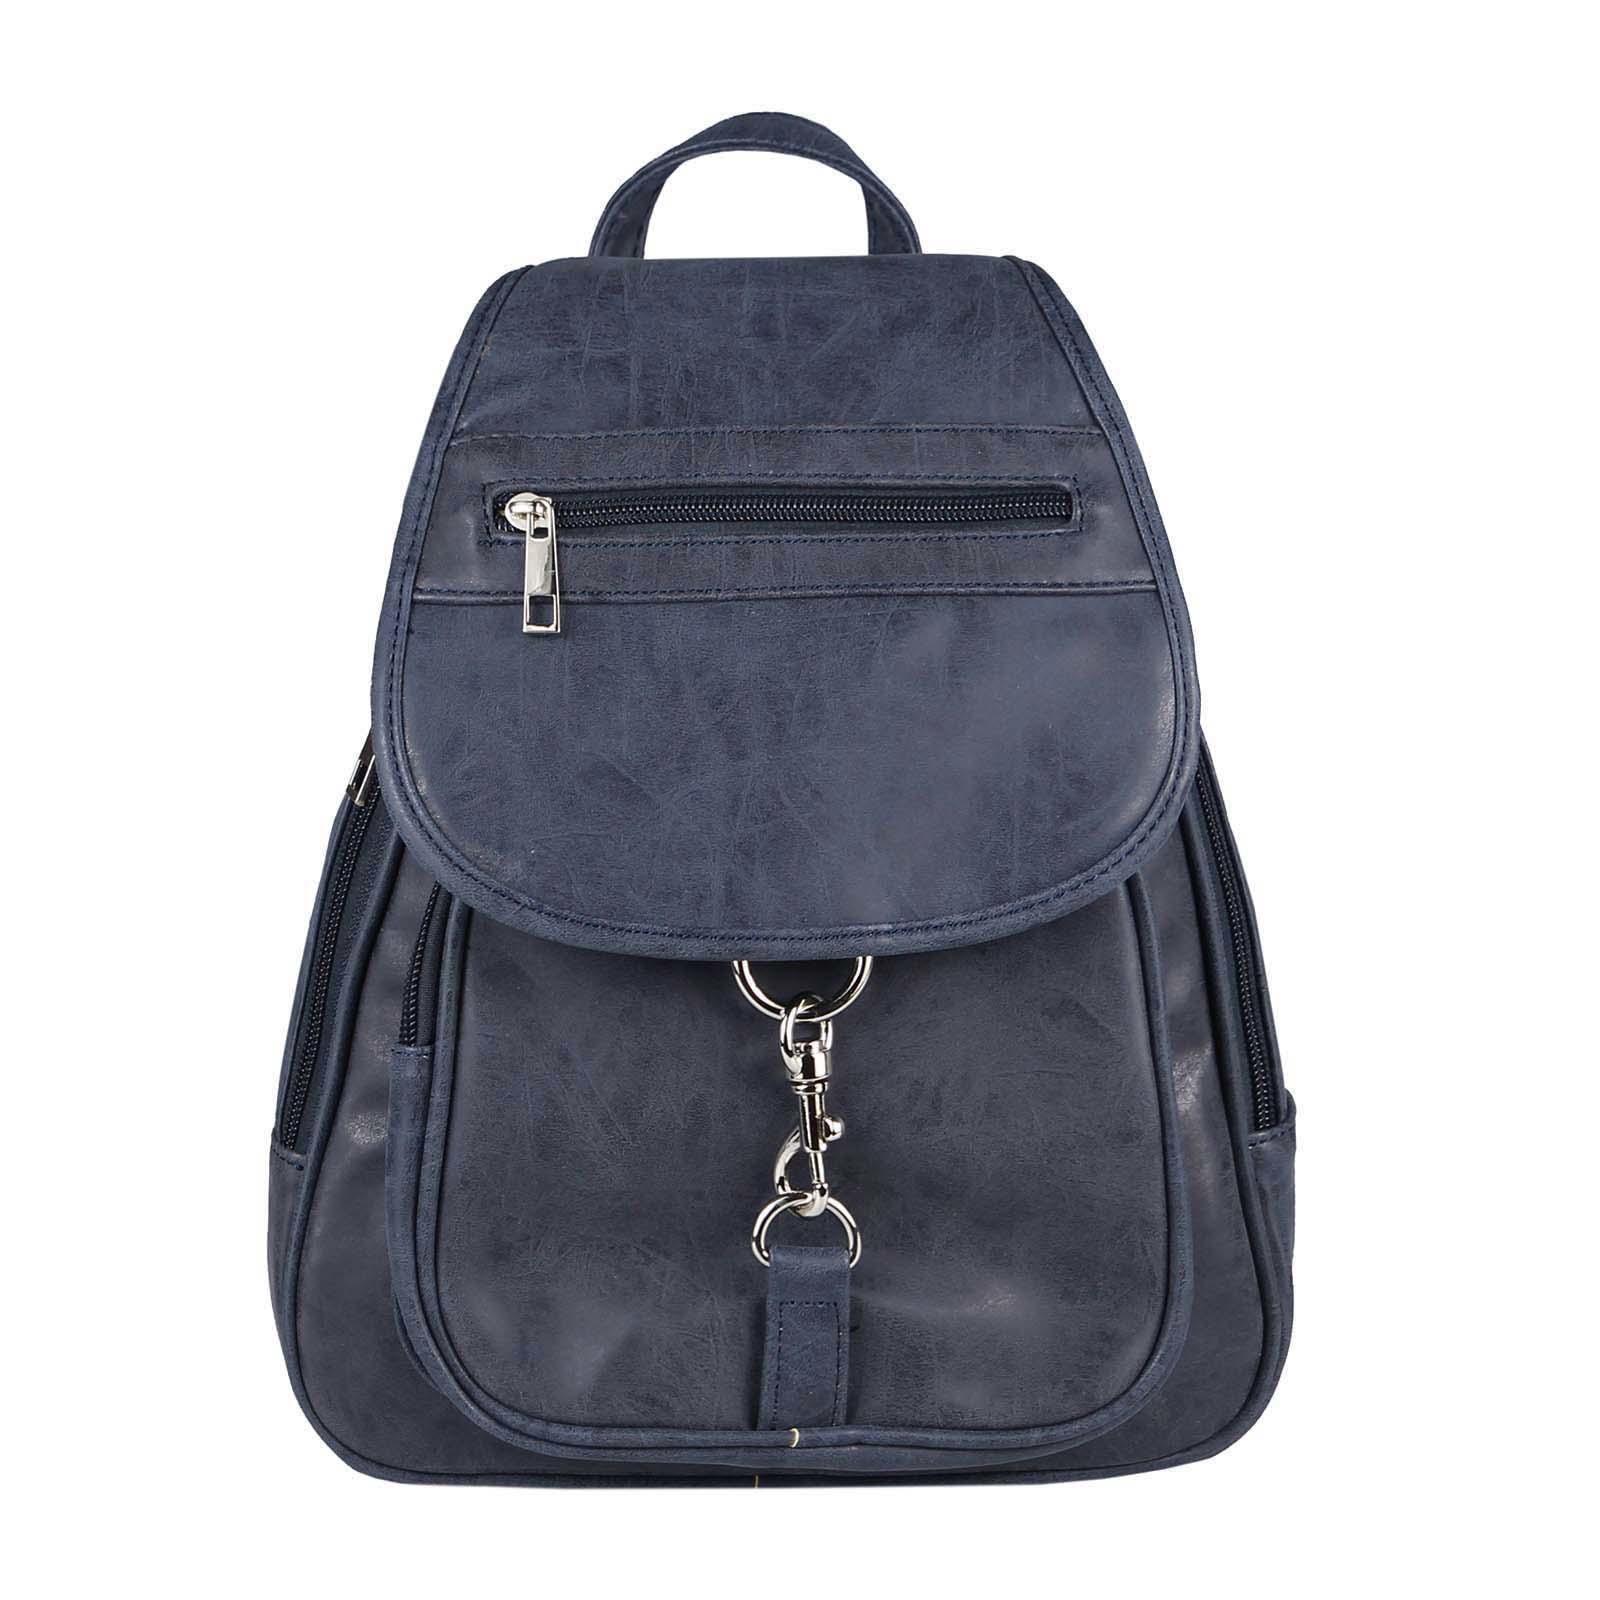 0b3a4b7c42da0 OBC Damen Rucksack Cityrucksack Schultertasche Stadtrucksack BackPack  Handtasche Organizer Daypack Tablet bis ca. 8